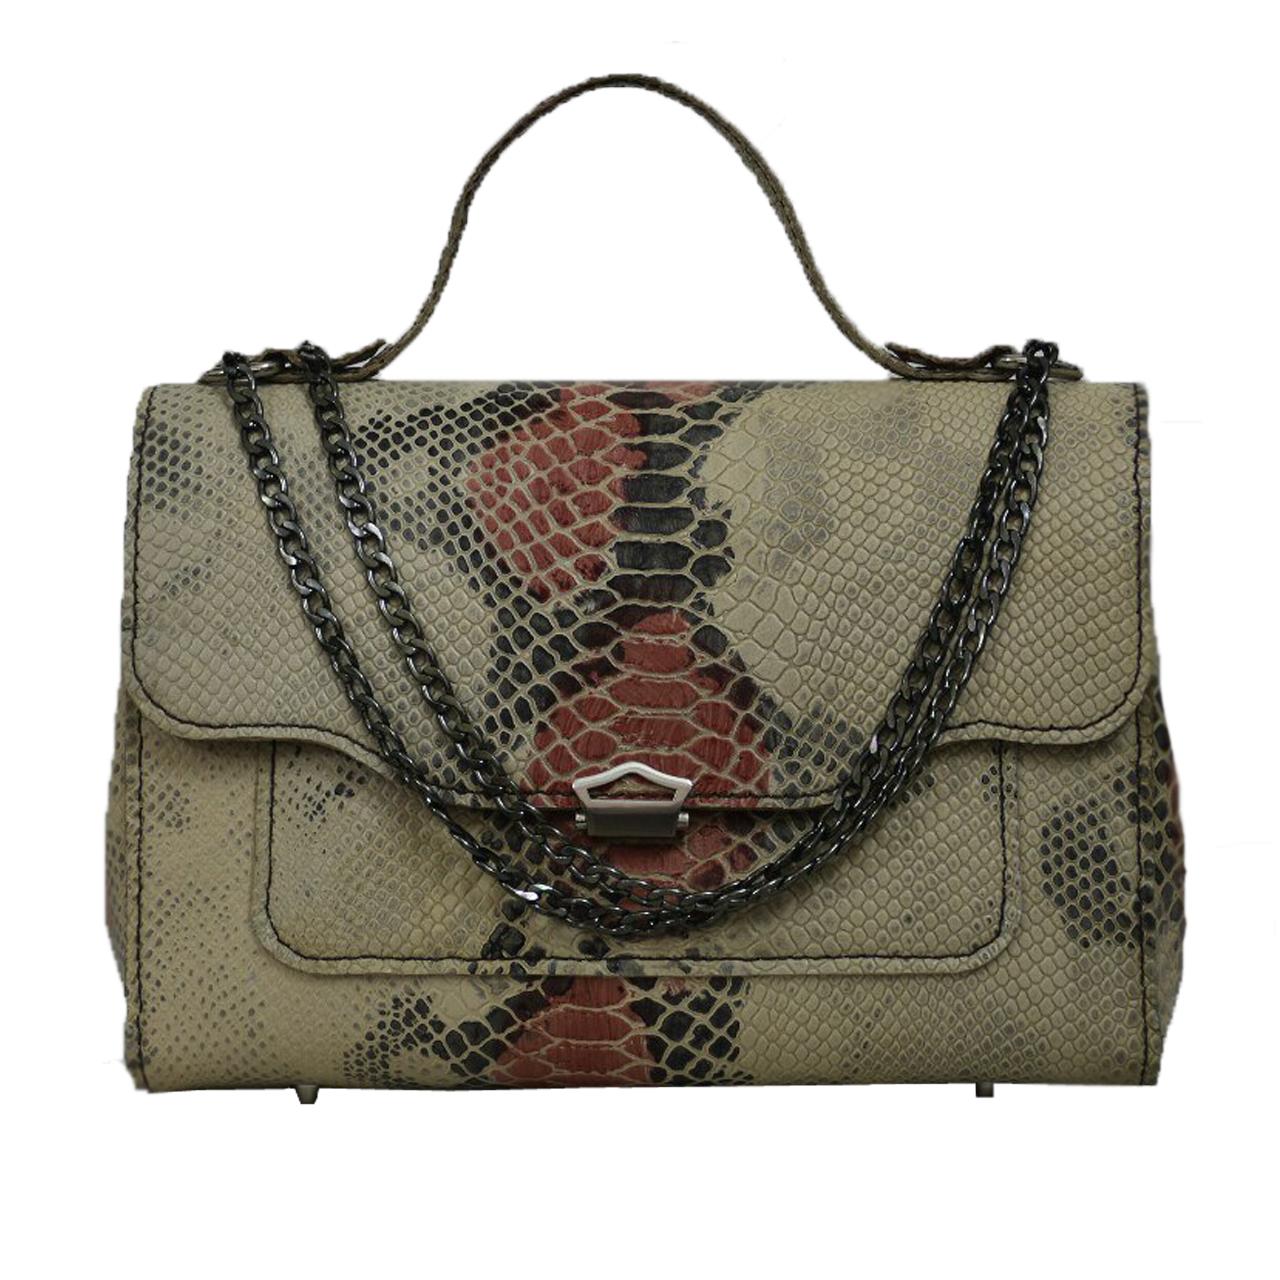 کیف دستی زنانه چرم دستدوز مژی مدل M66 سایز L